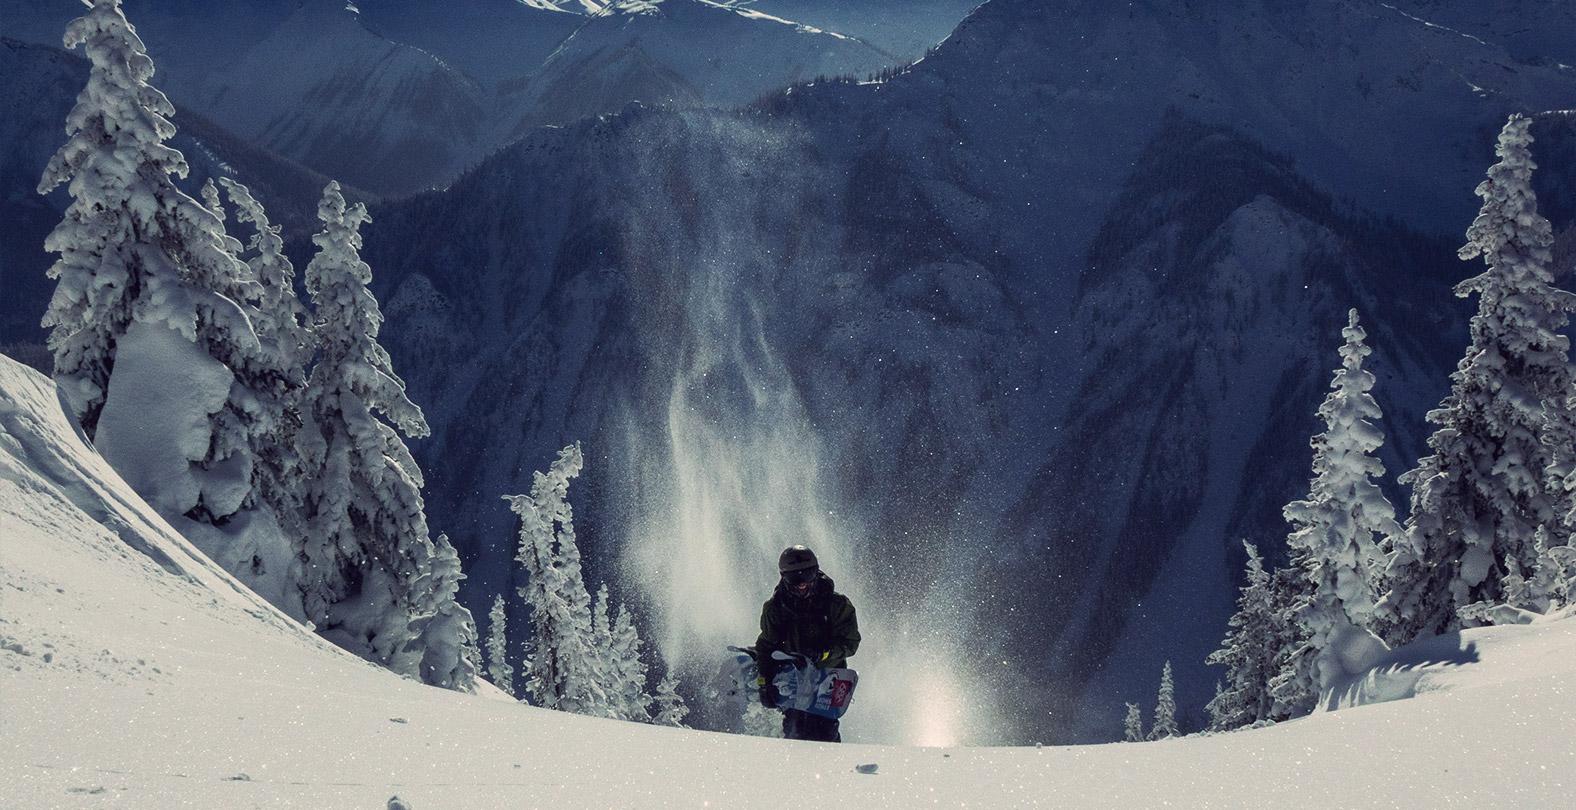 Gigi Ruef Snowboarder Freeride